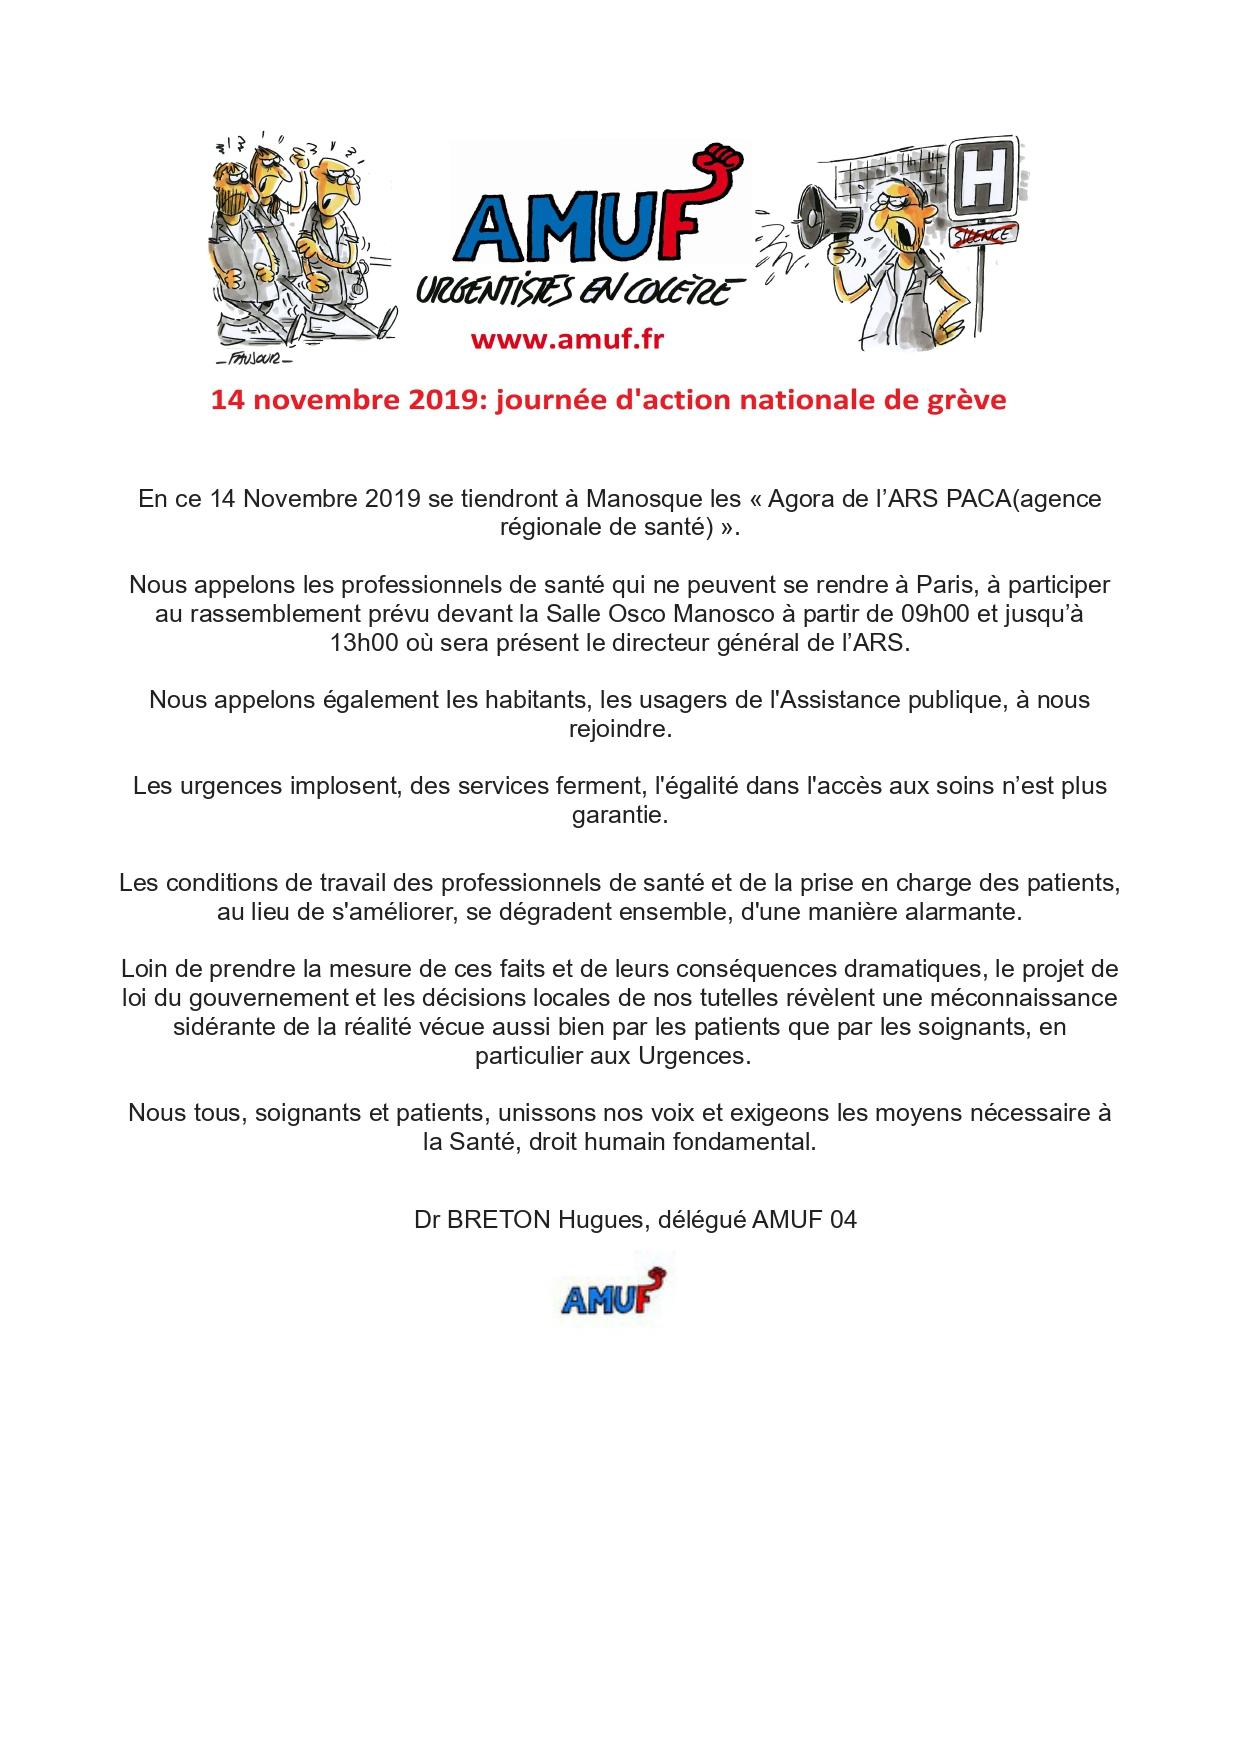 Tract AMUF 04 pour le 14 novembre 2019